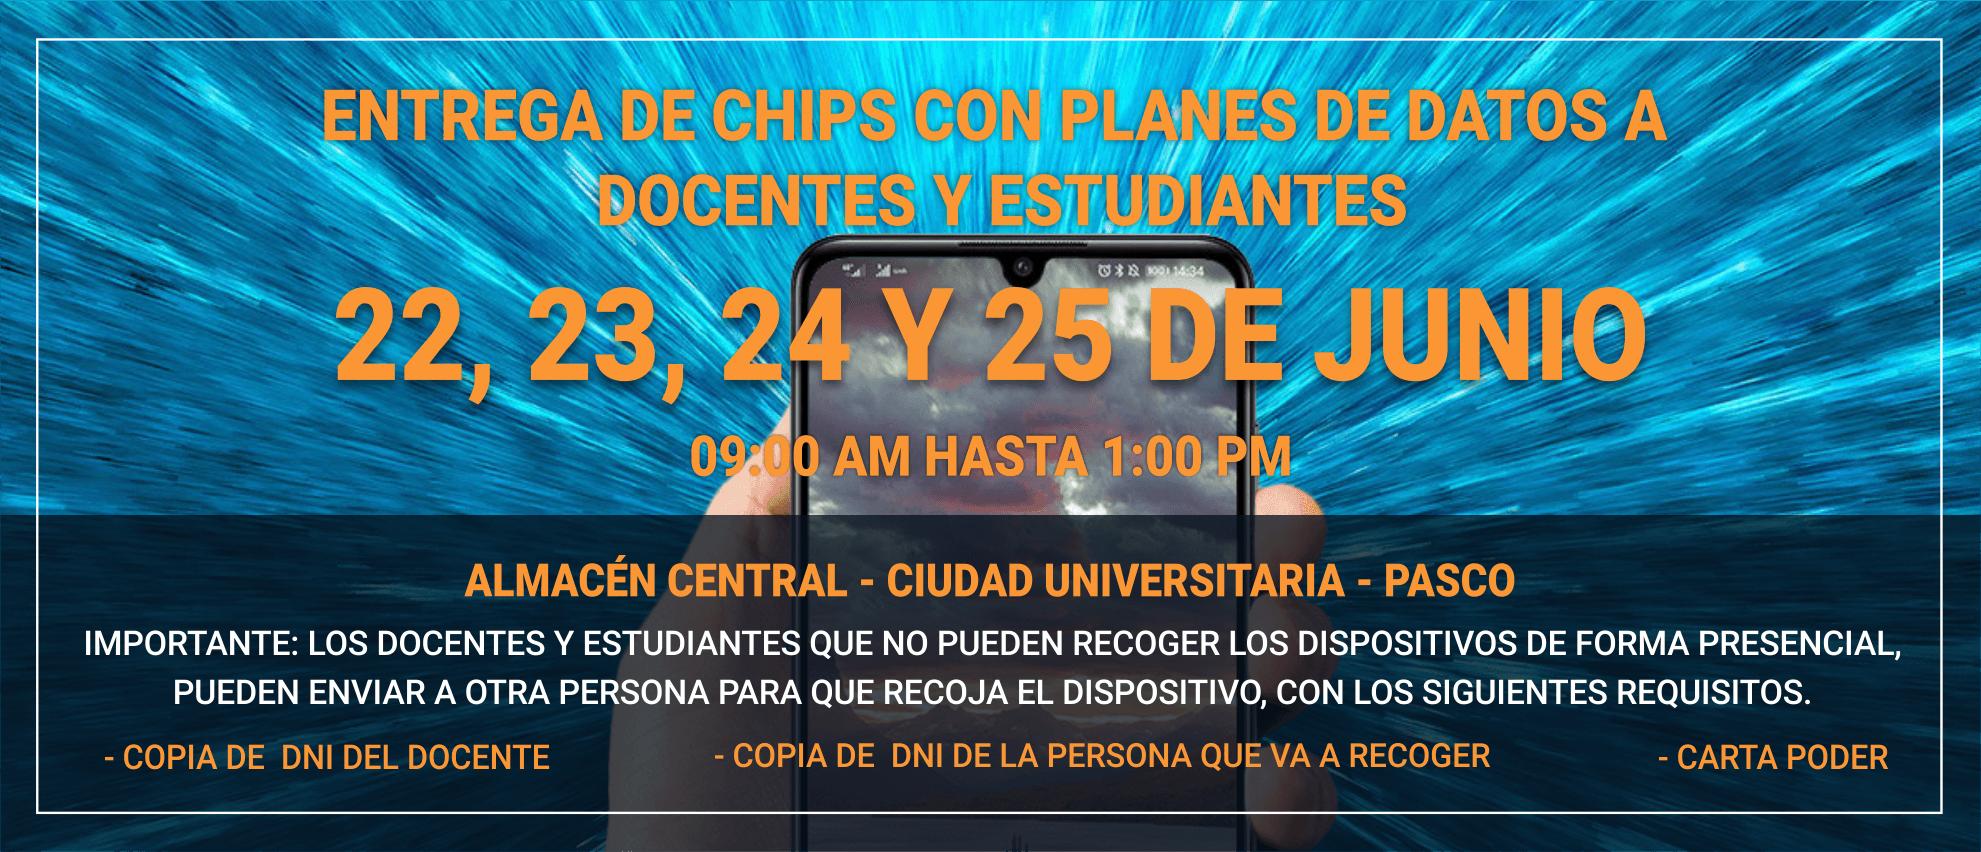 ENTREGA DE CHIPS CON PLANES DE DATOS A DOCENTES Y ESTUDIANTES